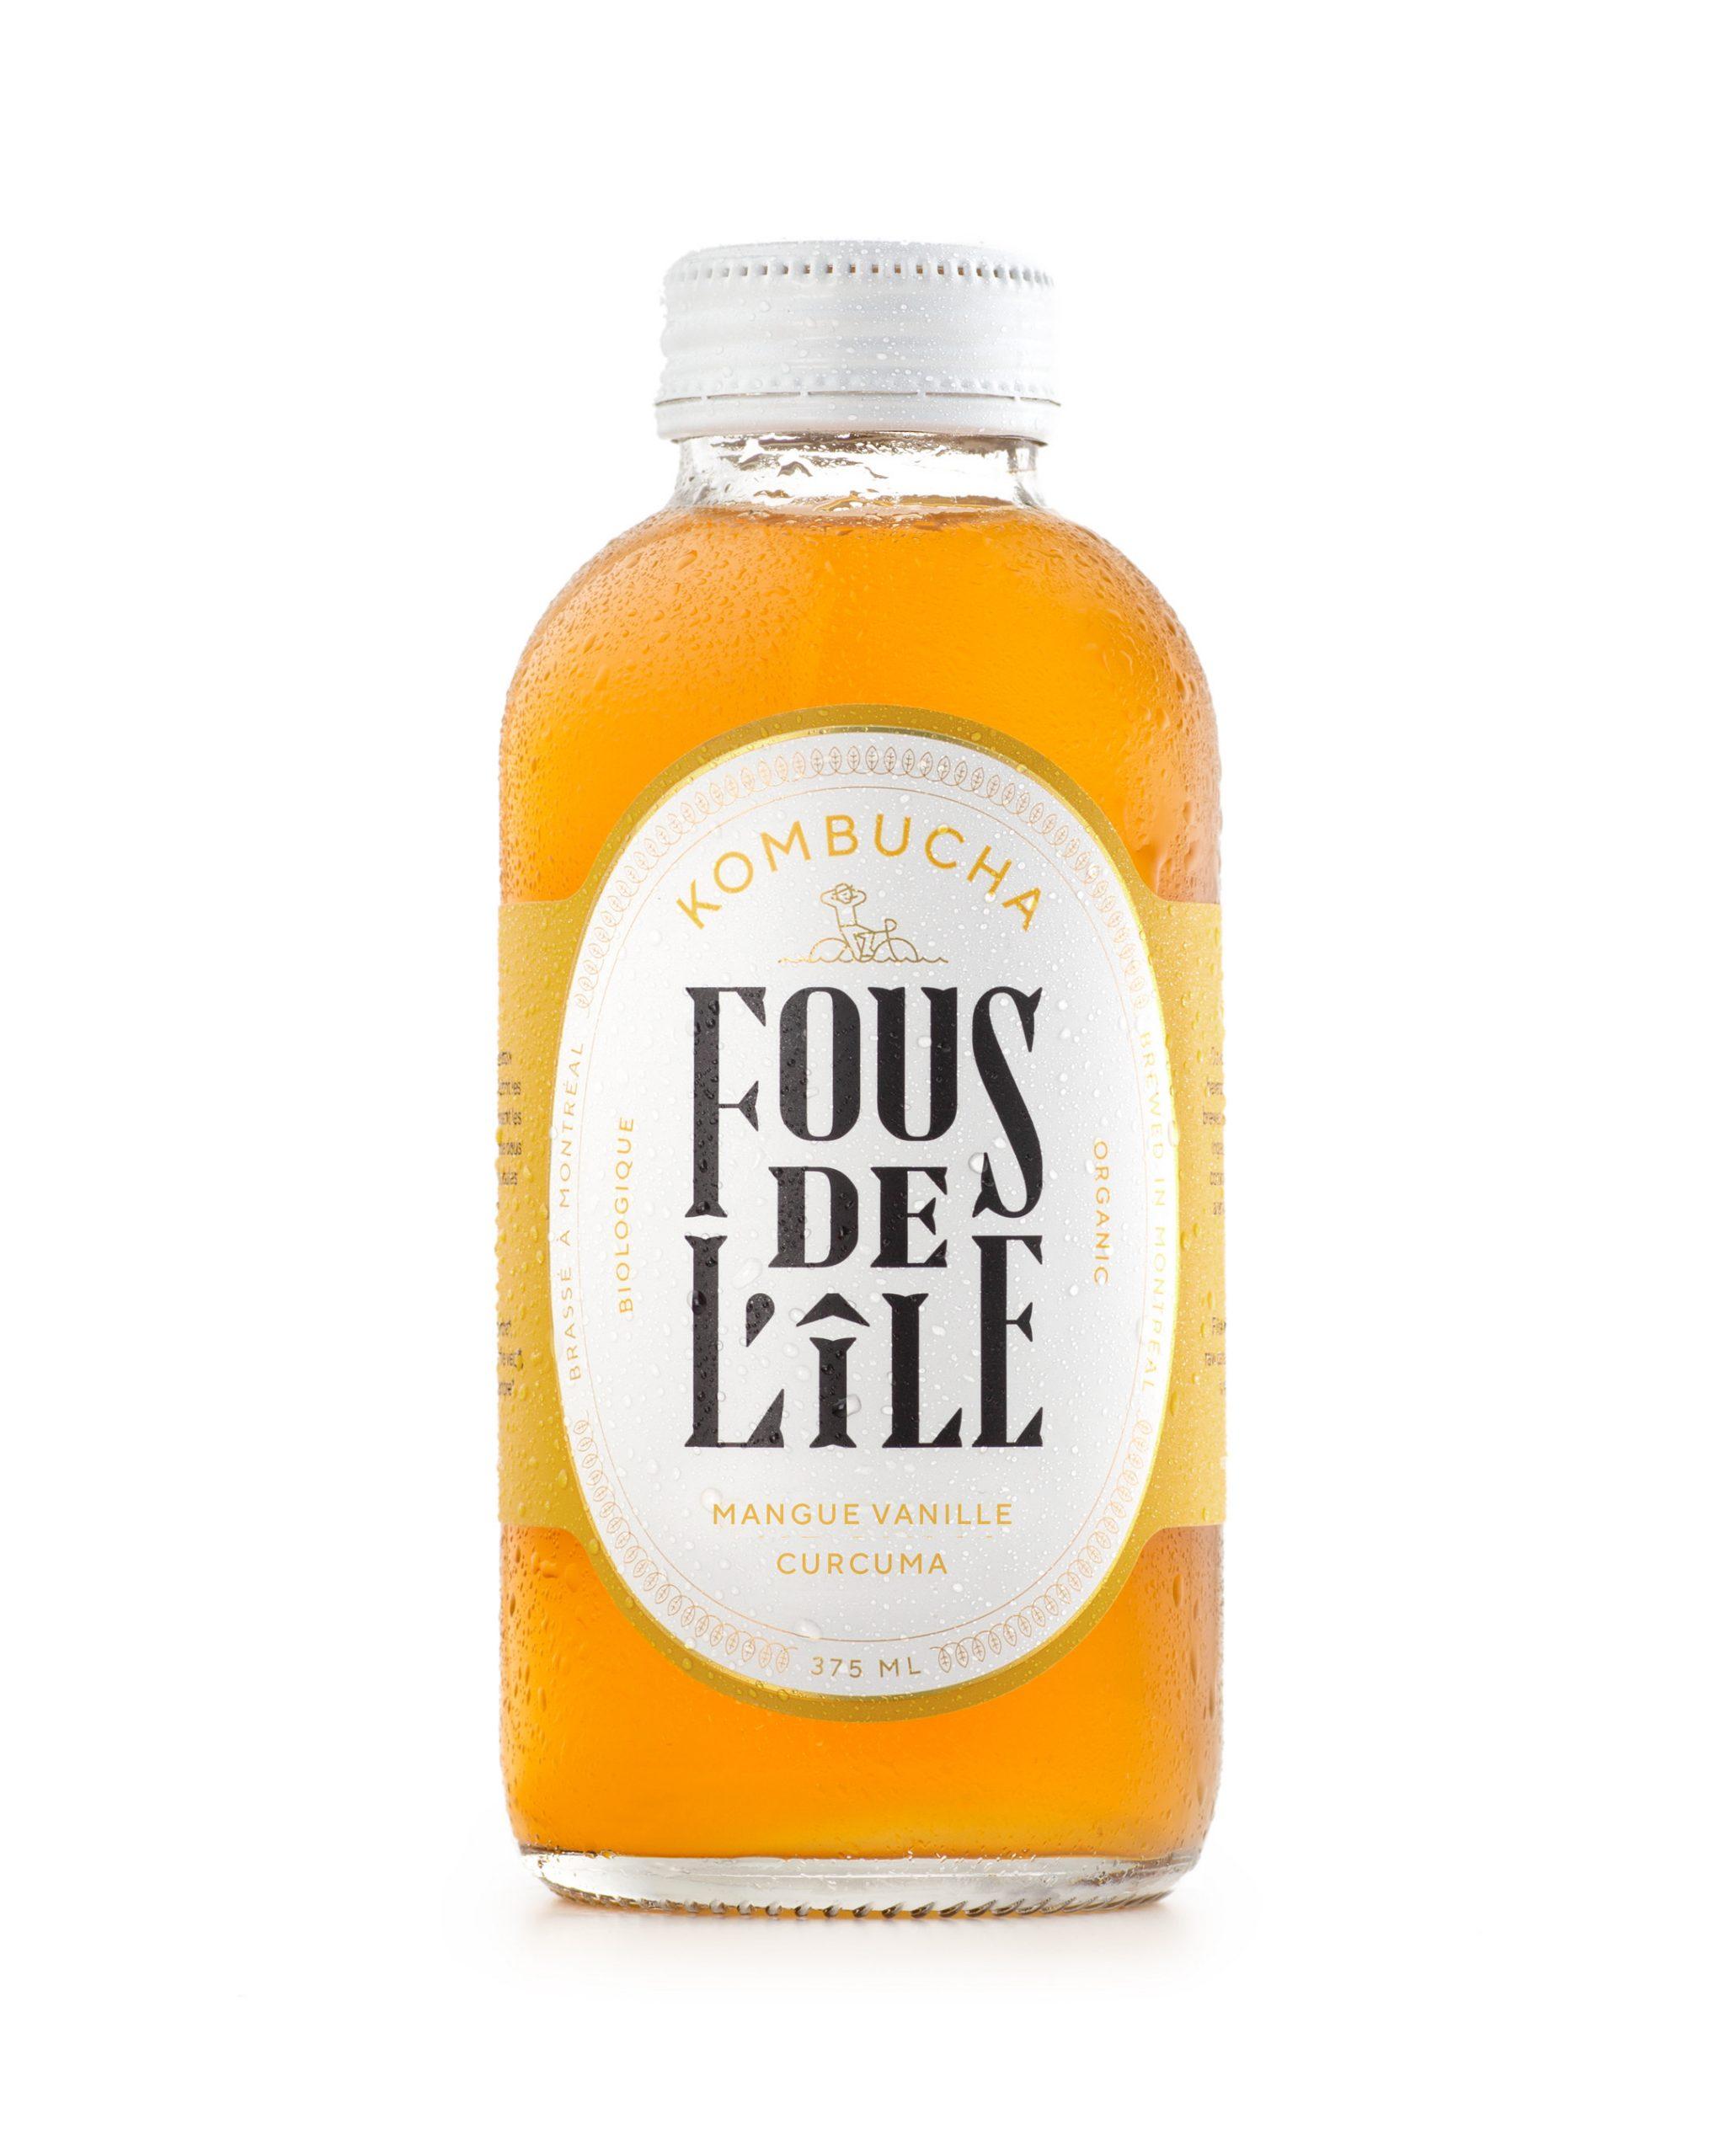 HD KOM Mangue vanille curcuma nouveaute 2021 scaled - Un kombucha local, éthique et écologique